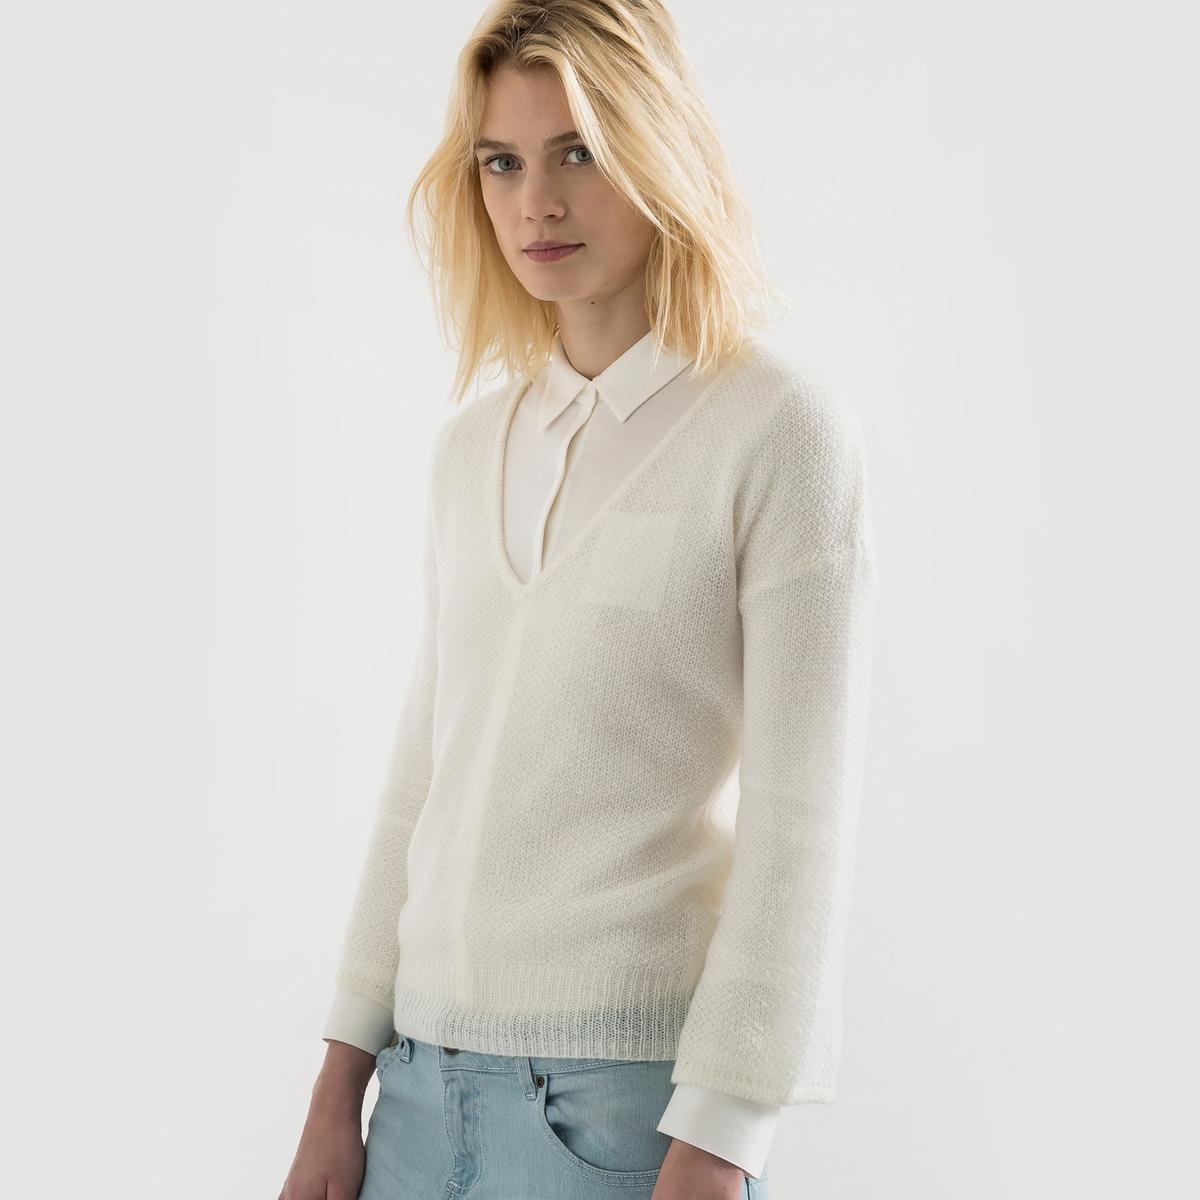 Пуловер с V-образным вырезом из воздушного трикотажаПуловер с V-образным вырезом. Изысканный женственный пуловер из воздушного трикотажа. Длинные рукава с приспущенными проймами.   Состав и описаниеМатериал : 55% акрила, 38% полиамида, 10% мохераДлина : 59 смУход Машинная стирка при 30 °С. Стирать и гладить с изнаночной стороны.<br><br>Цвет: слоновая кость<br>Размер: 46/48 (FR) - 52/54 (RUS)